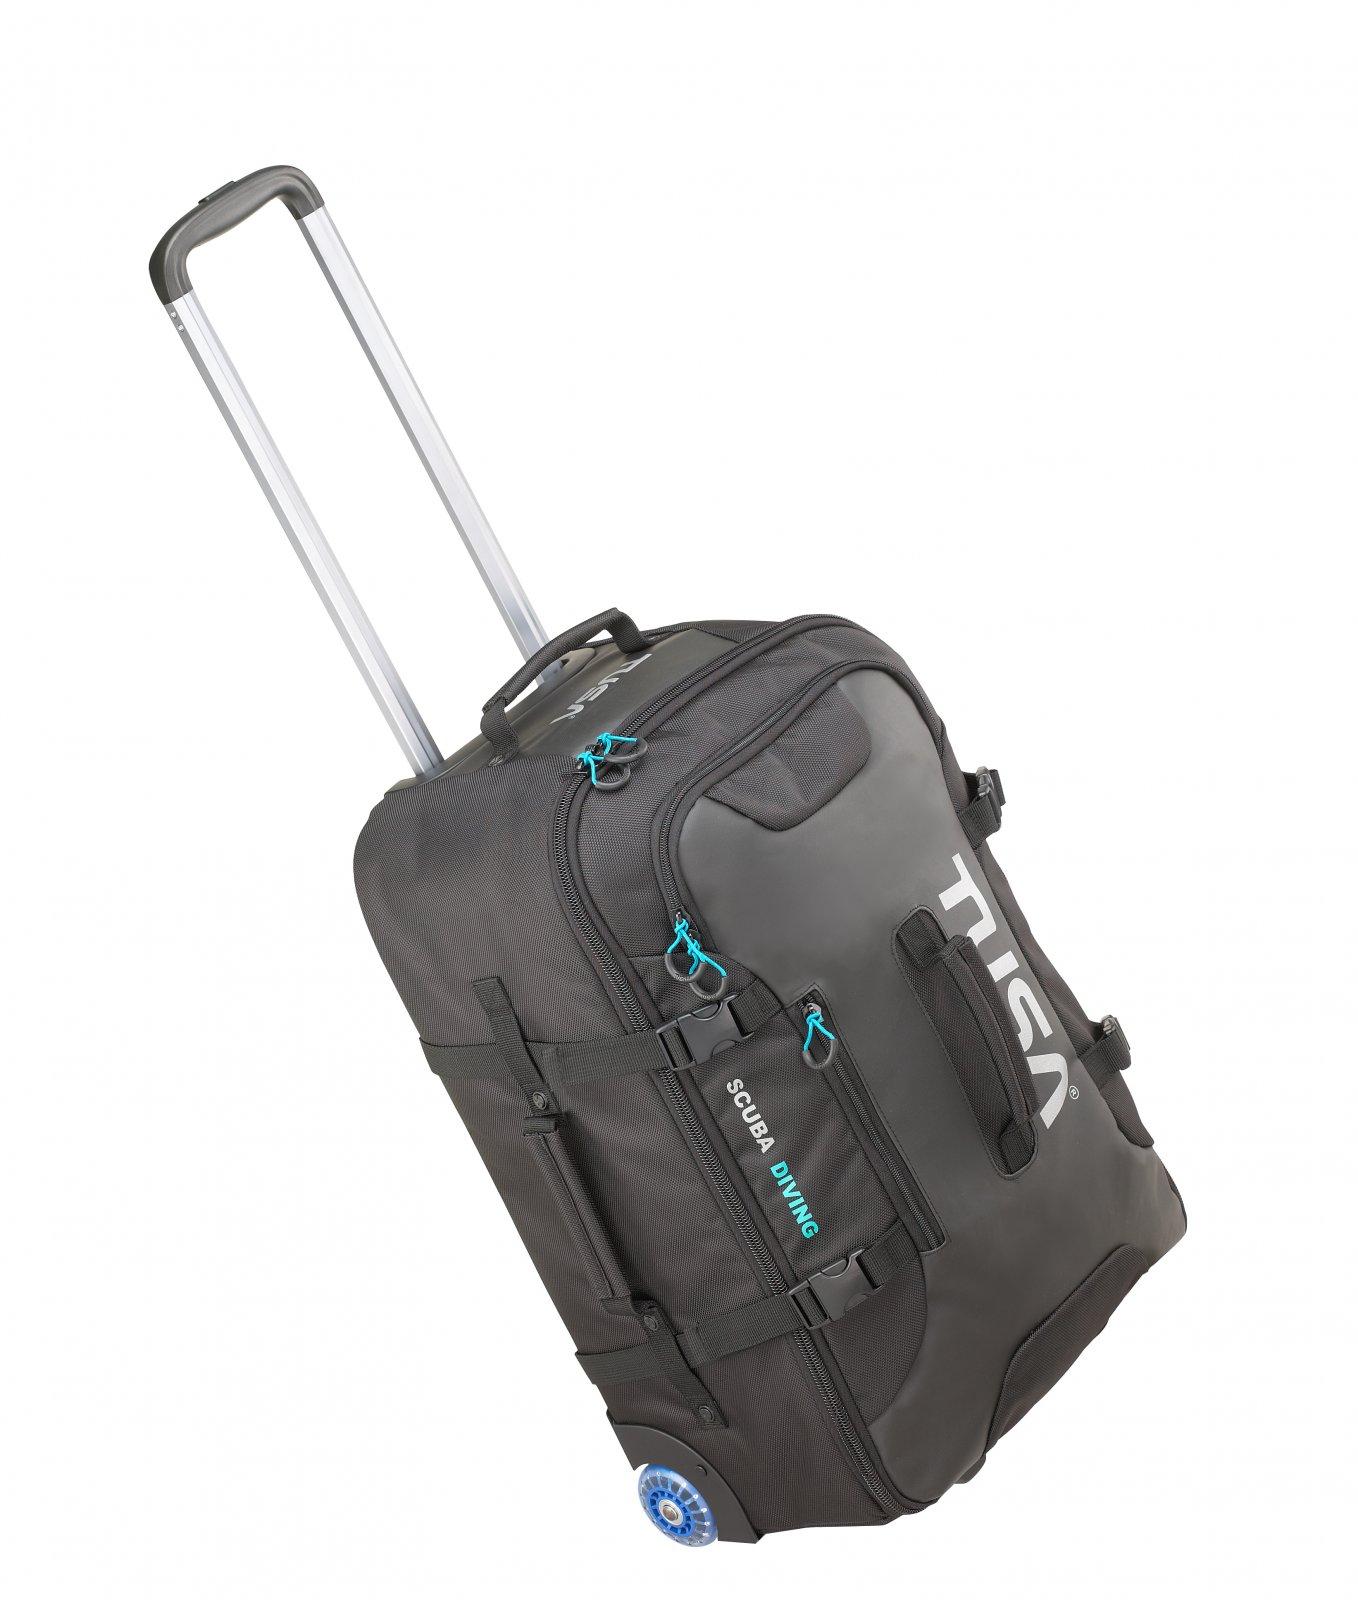 TUSA Roller Bag - Small